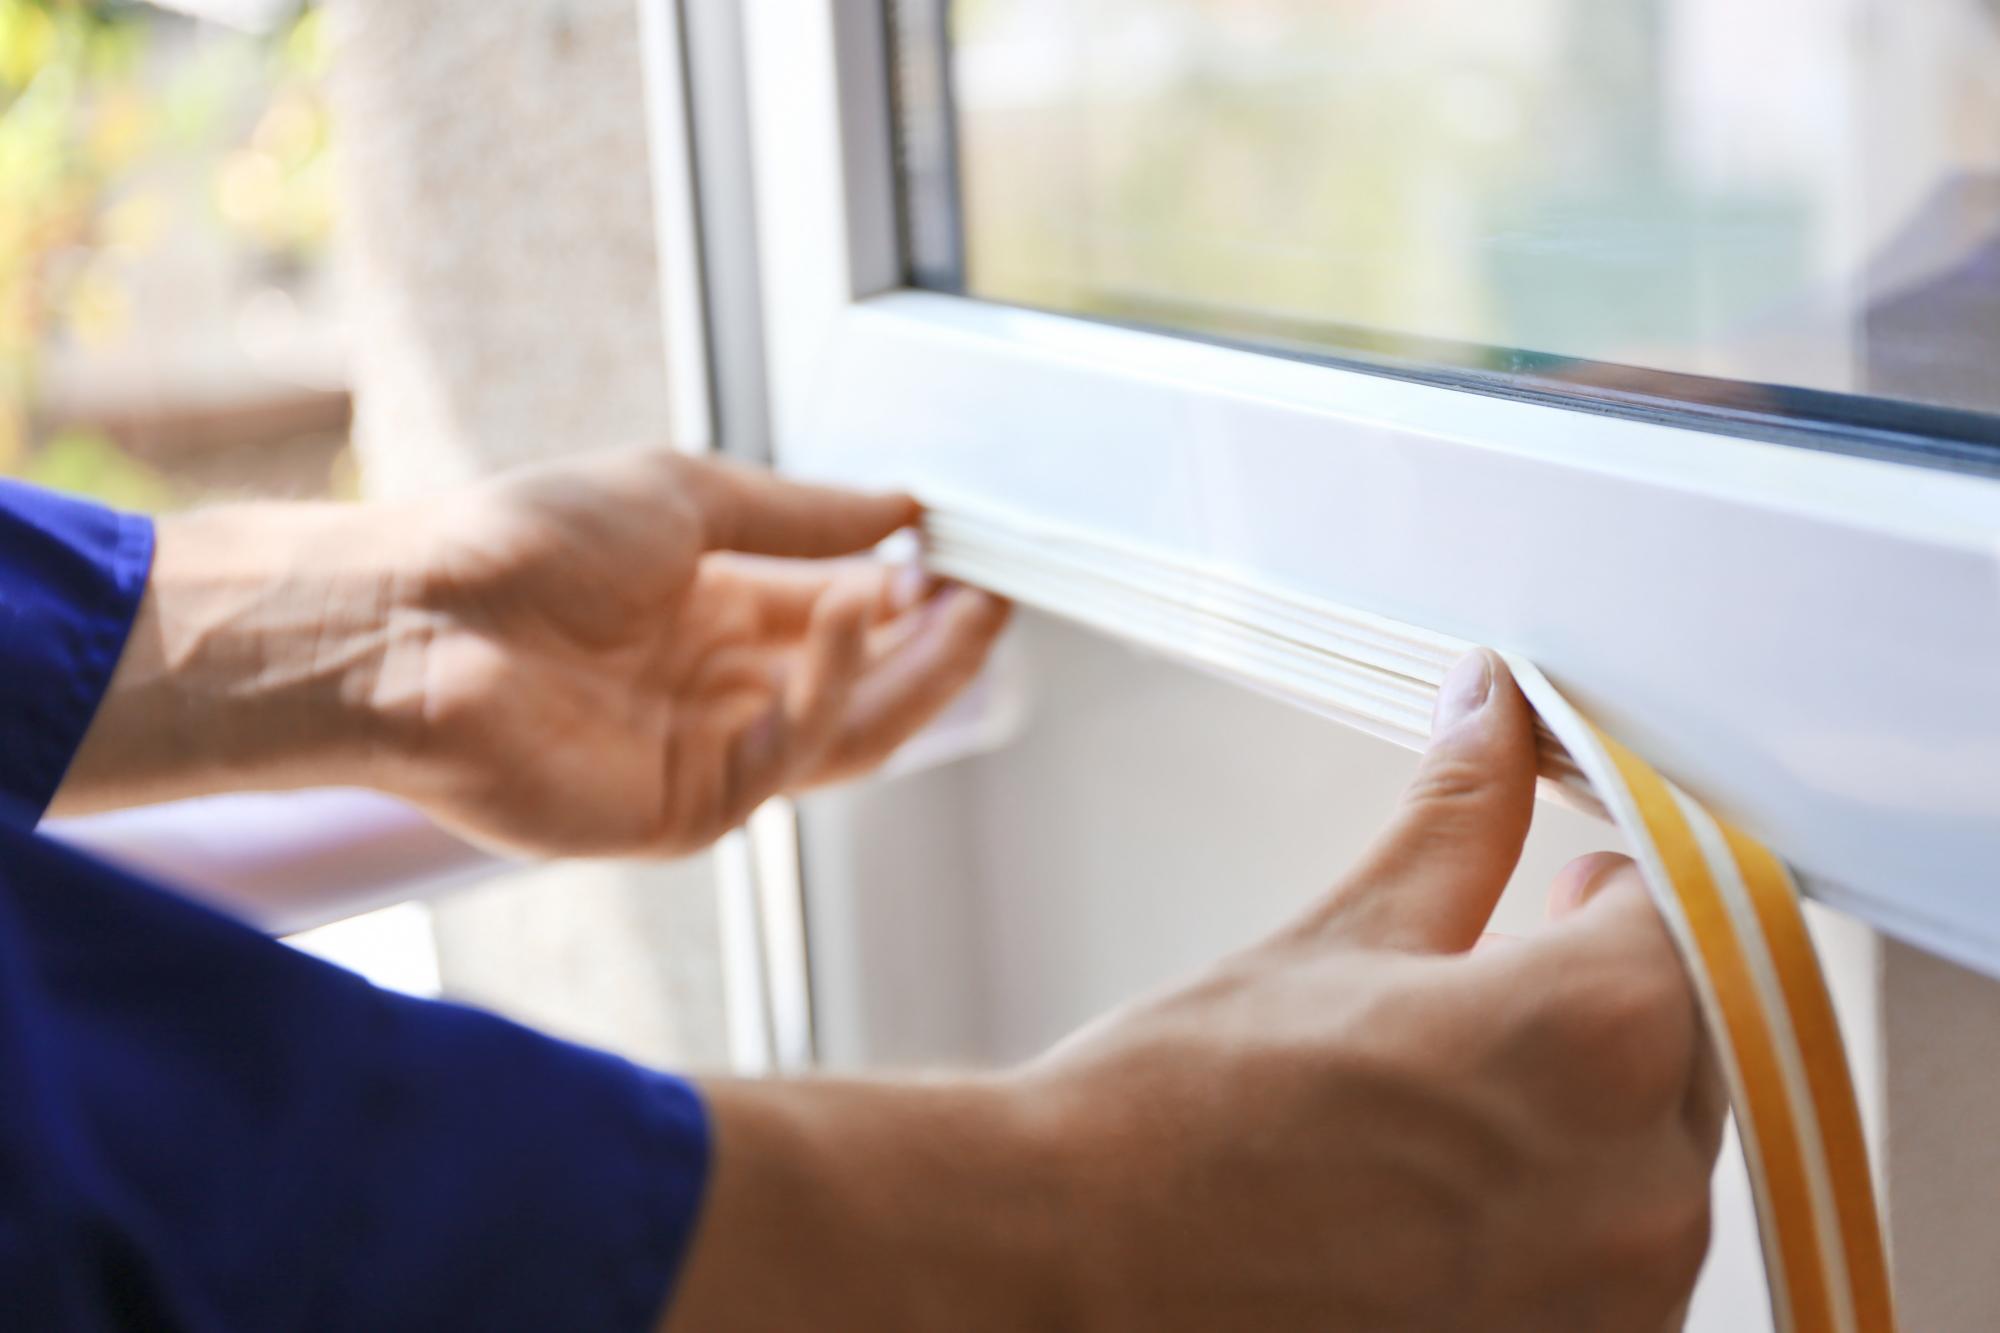 Dal vetro basso emissivo al listello in legno per il davanzale: le nostre soluzioni contro la dispersione termica